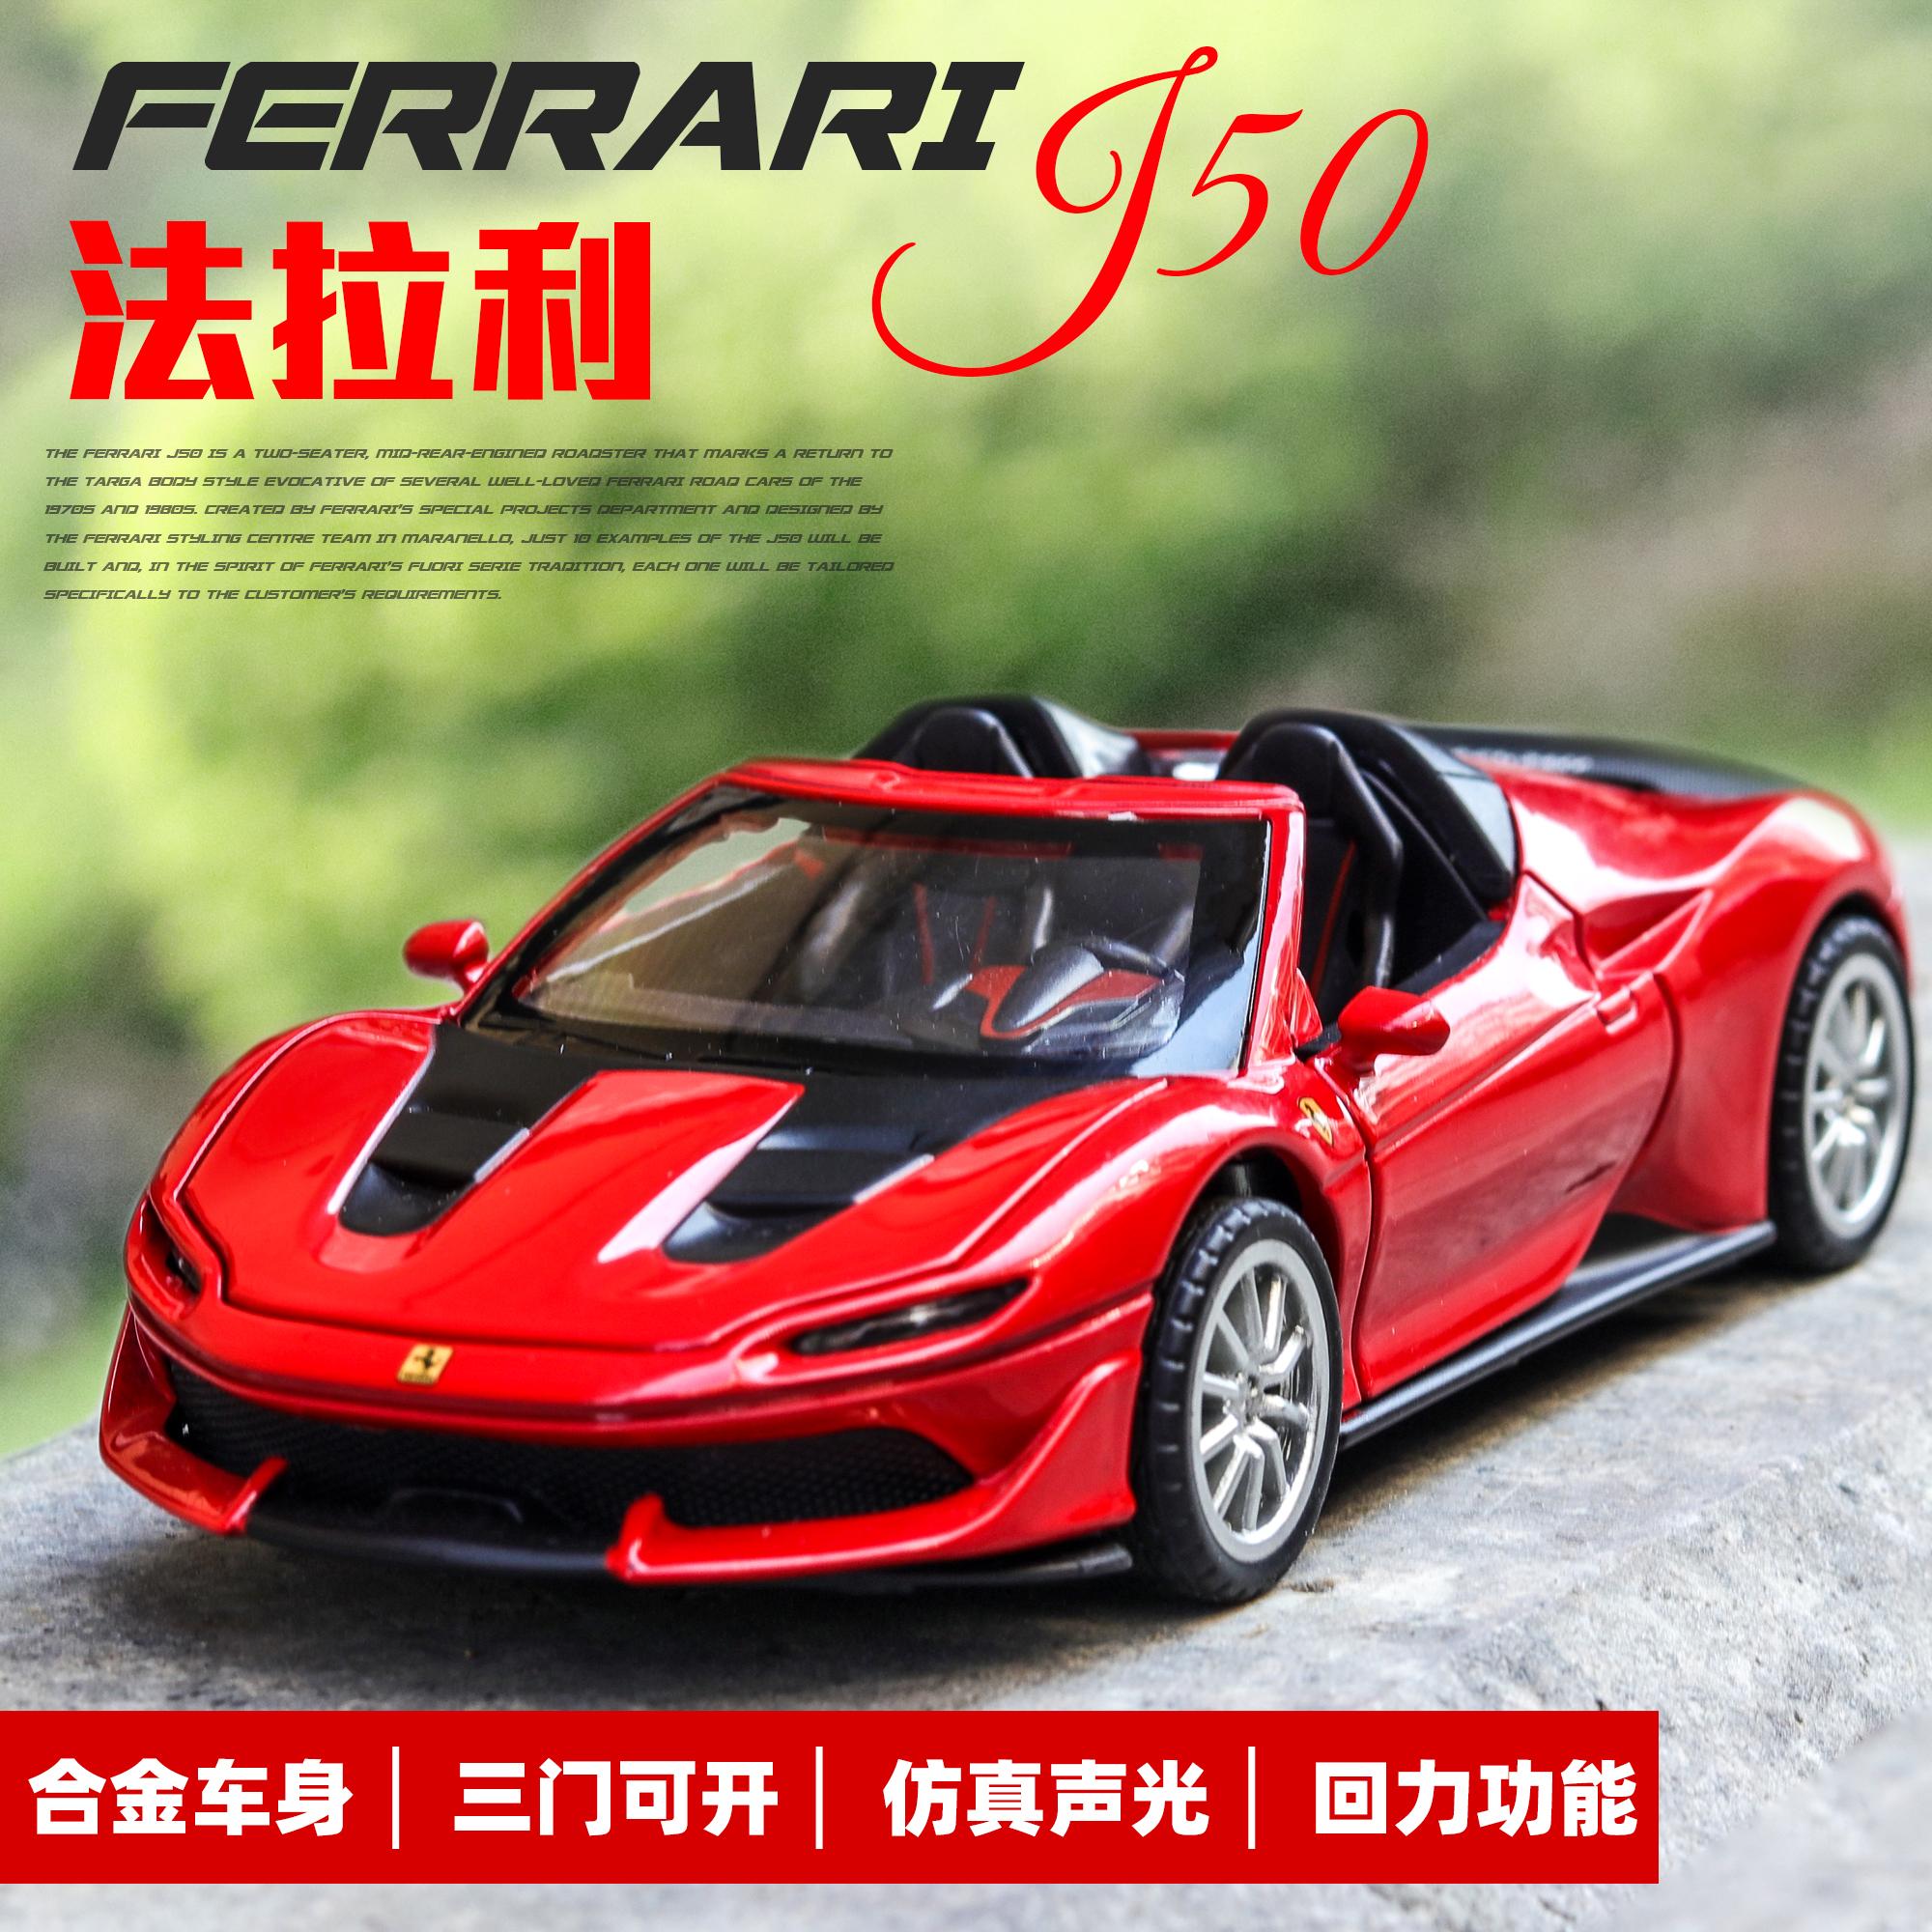 嘉业合金模型法拉利j50车模敞篷车拉法laferrari跑车仿真玩具汽车